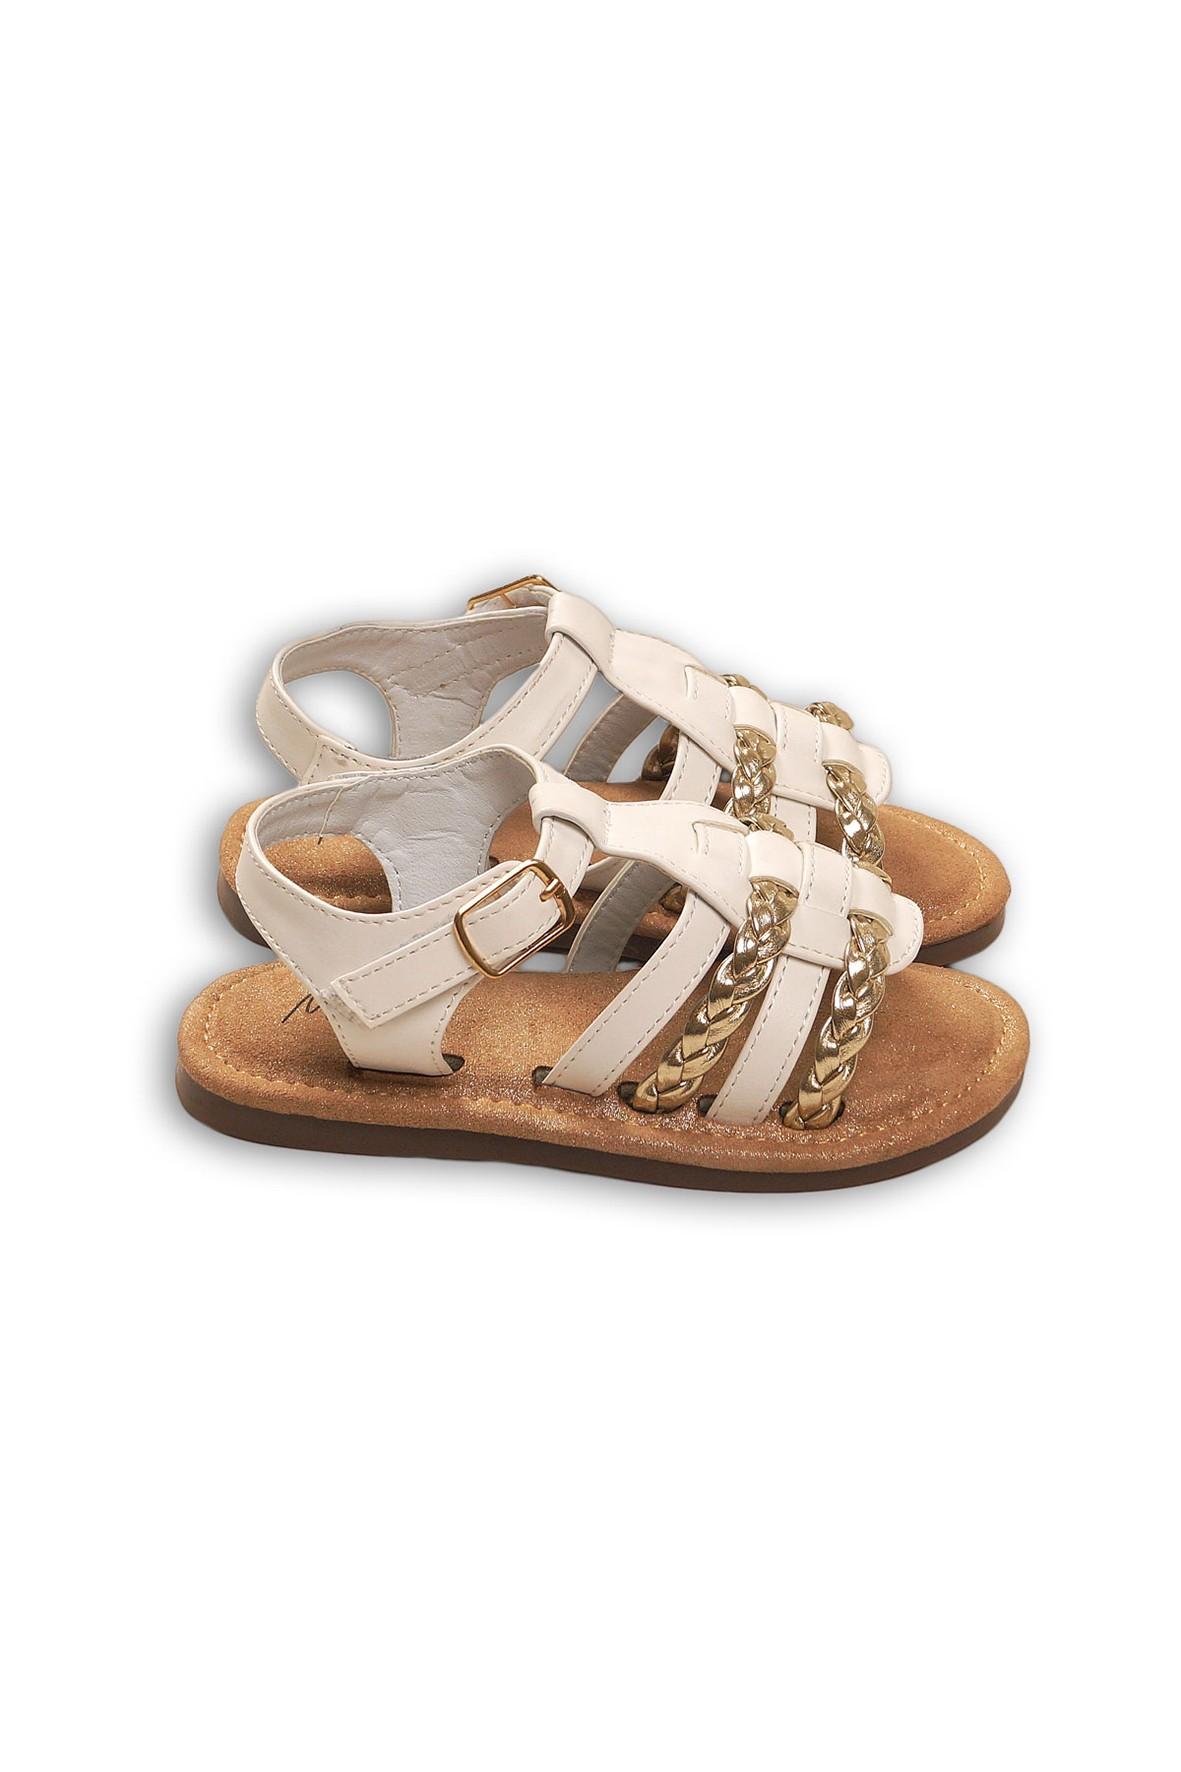 Sandałki dziewczęce ecru ze złotymi elementami